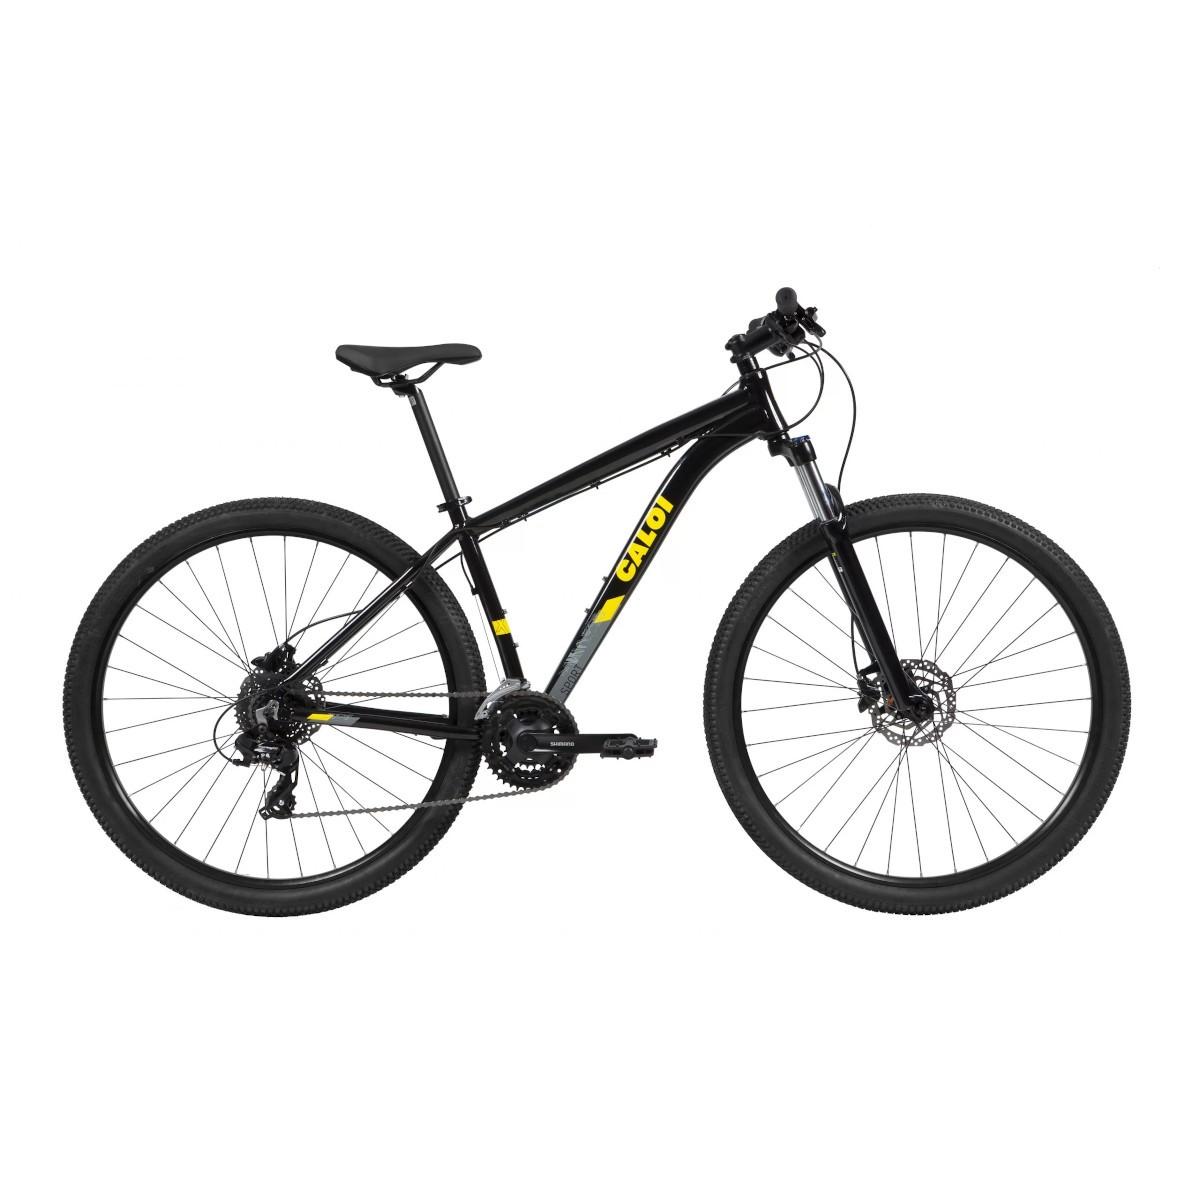 Bicicleta Caloi  Explorer Sport 2021 - Hidraulico  Pto/Amarelo